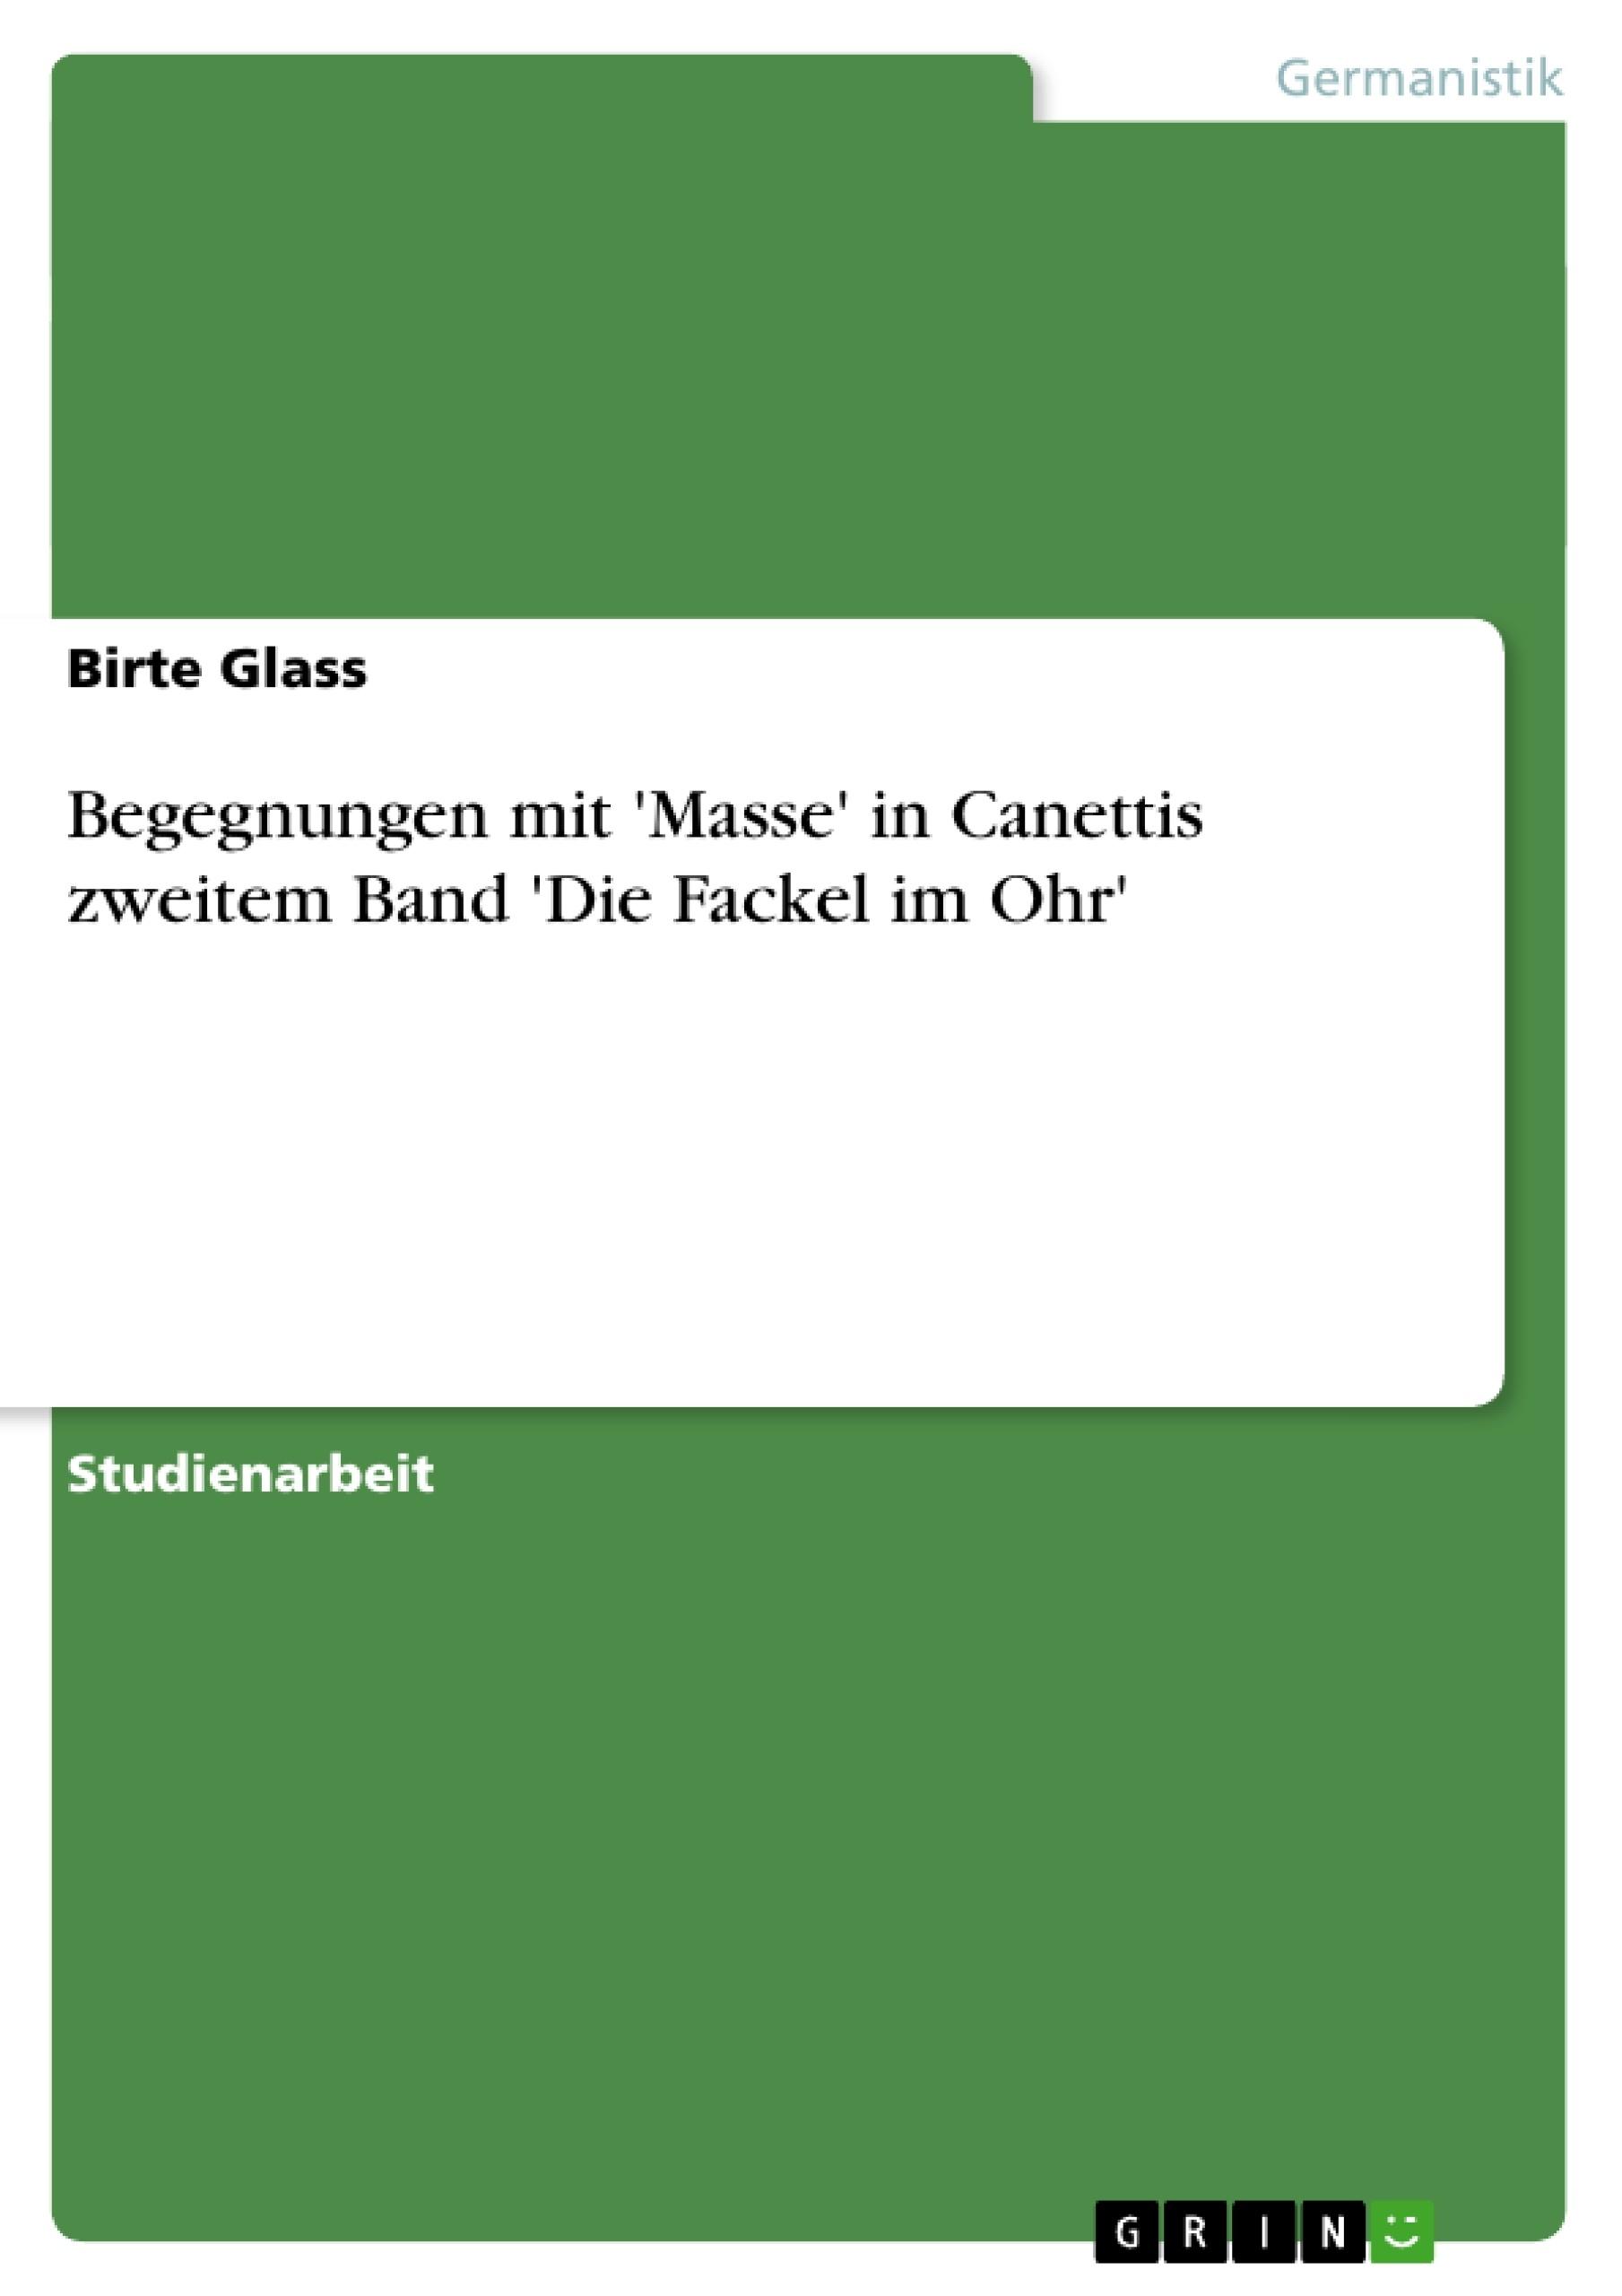 Titel: Begegnungen mit 'Masse' in Canettis zweitem Band 'Die Fackel im Ohr'